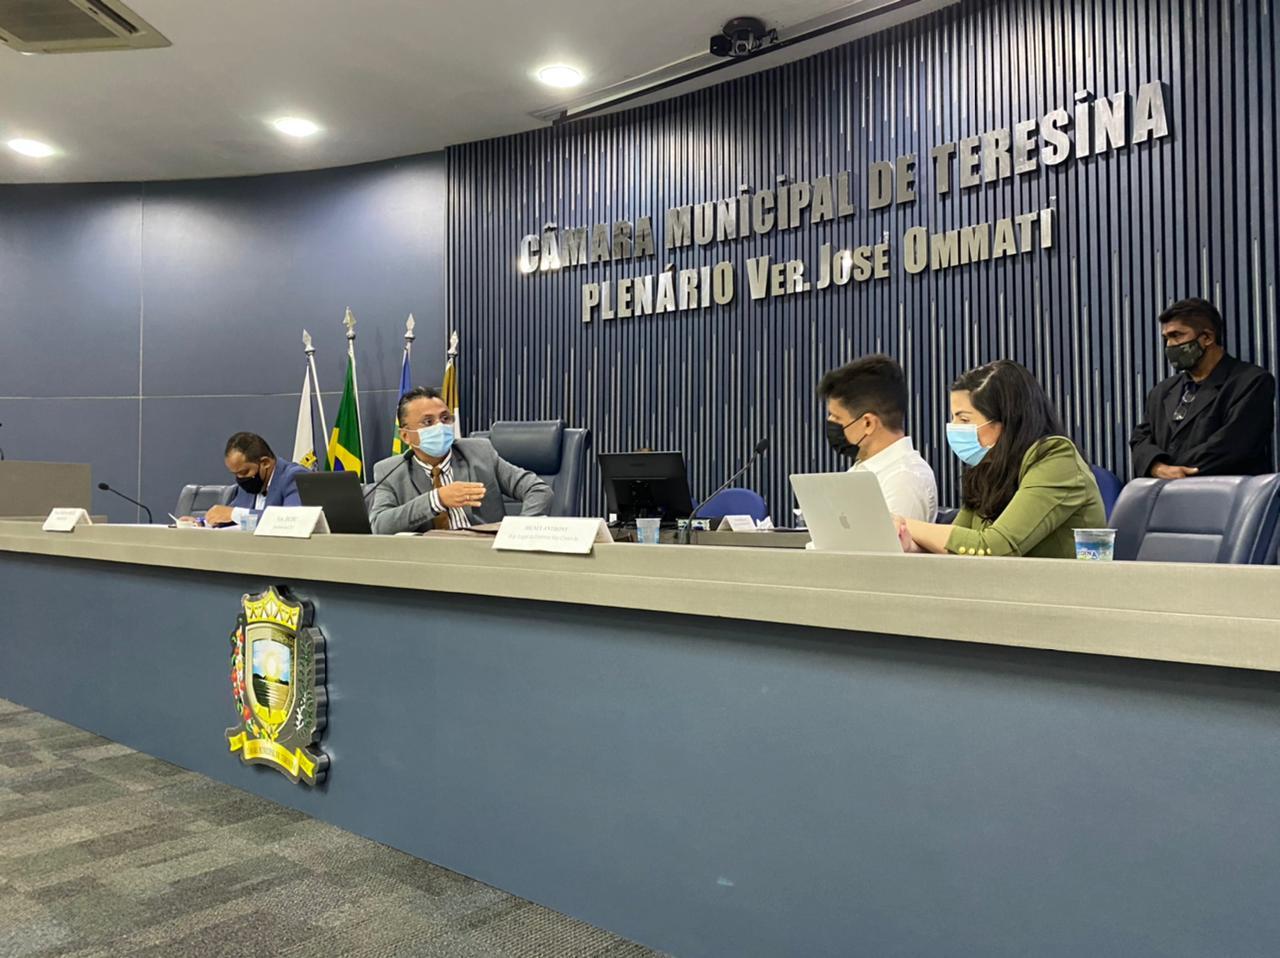 Dudu apresentou indicativo de lei para recadastramento das gratuidades do transporte